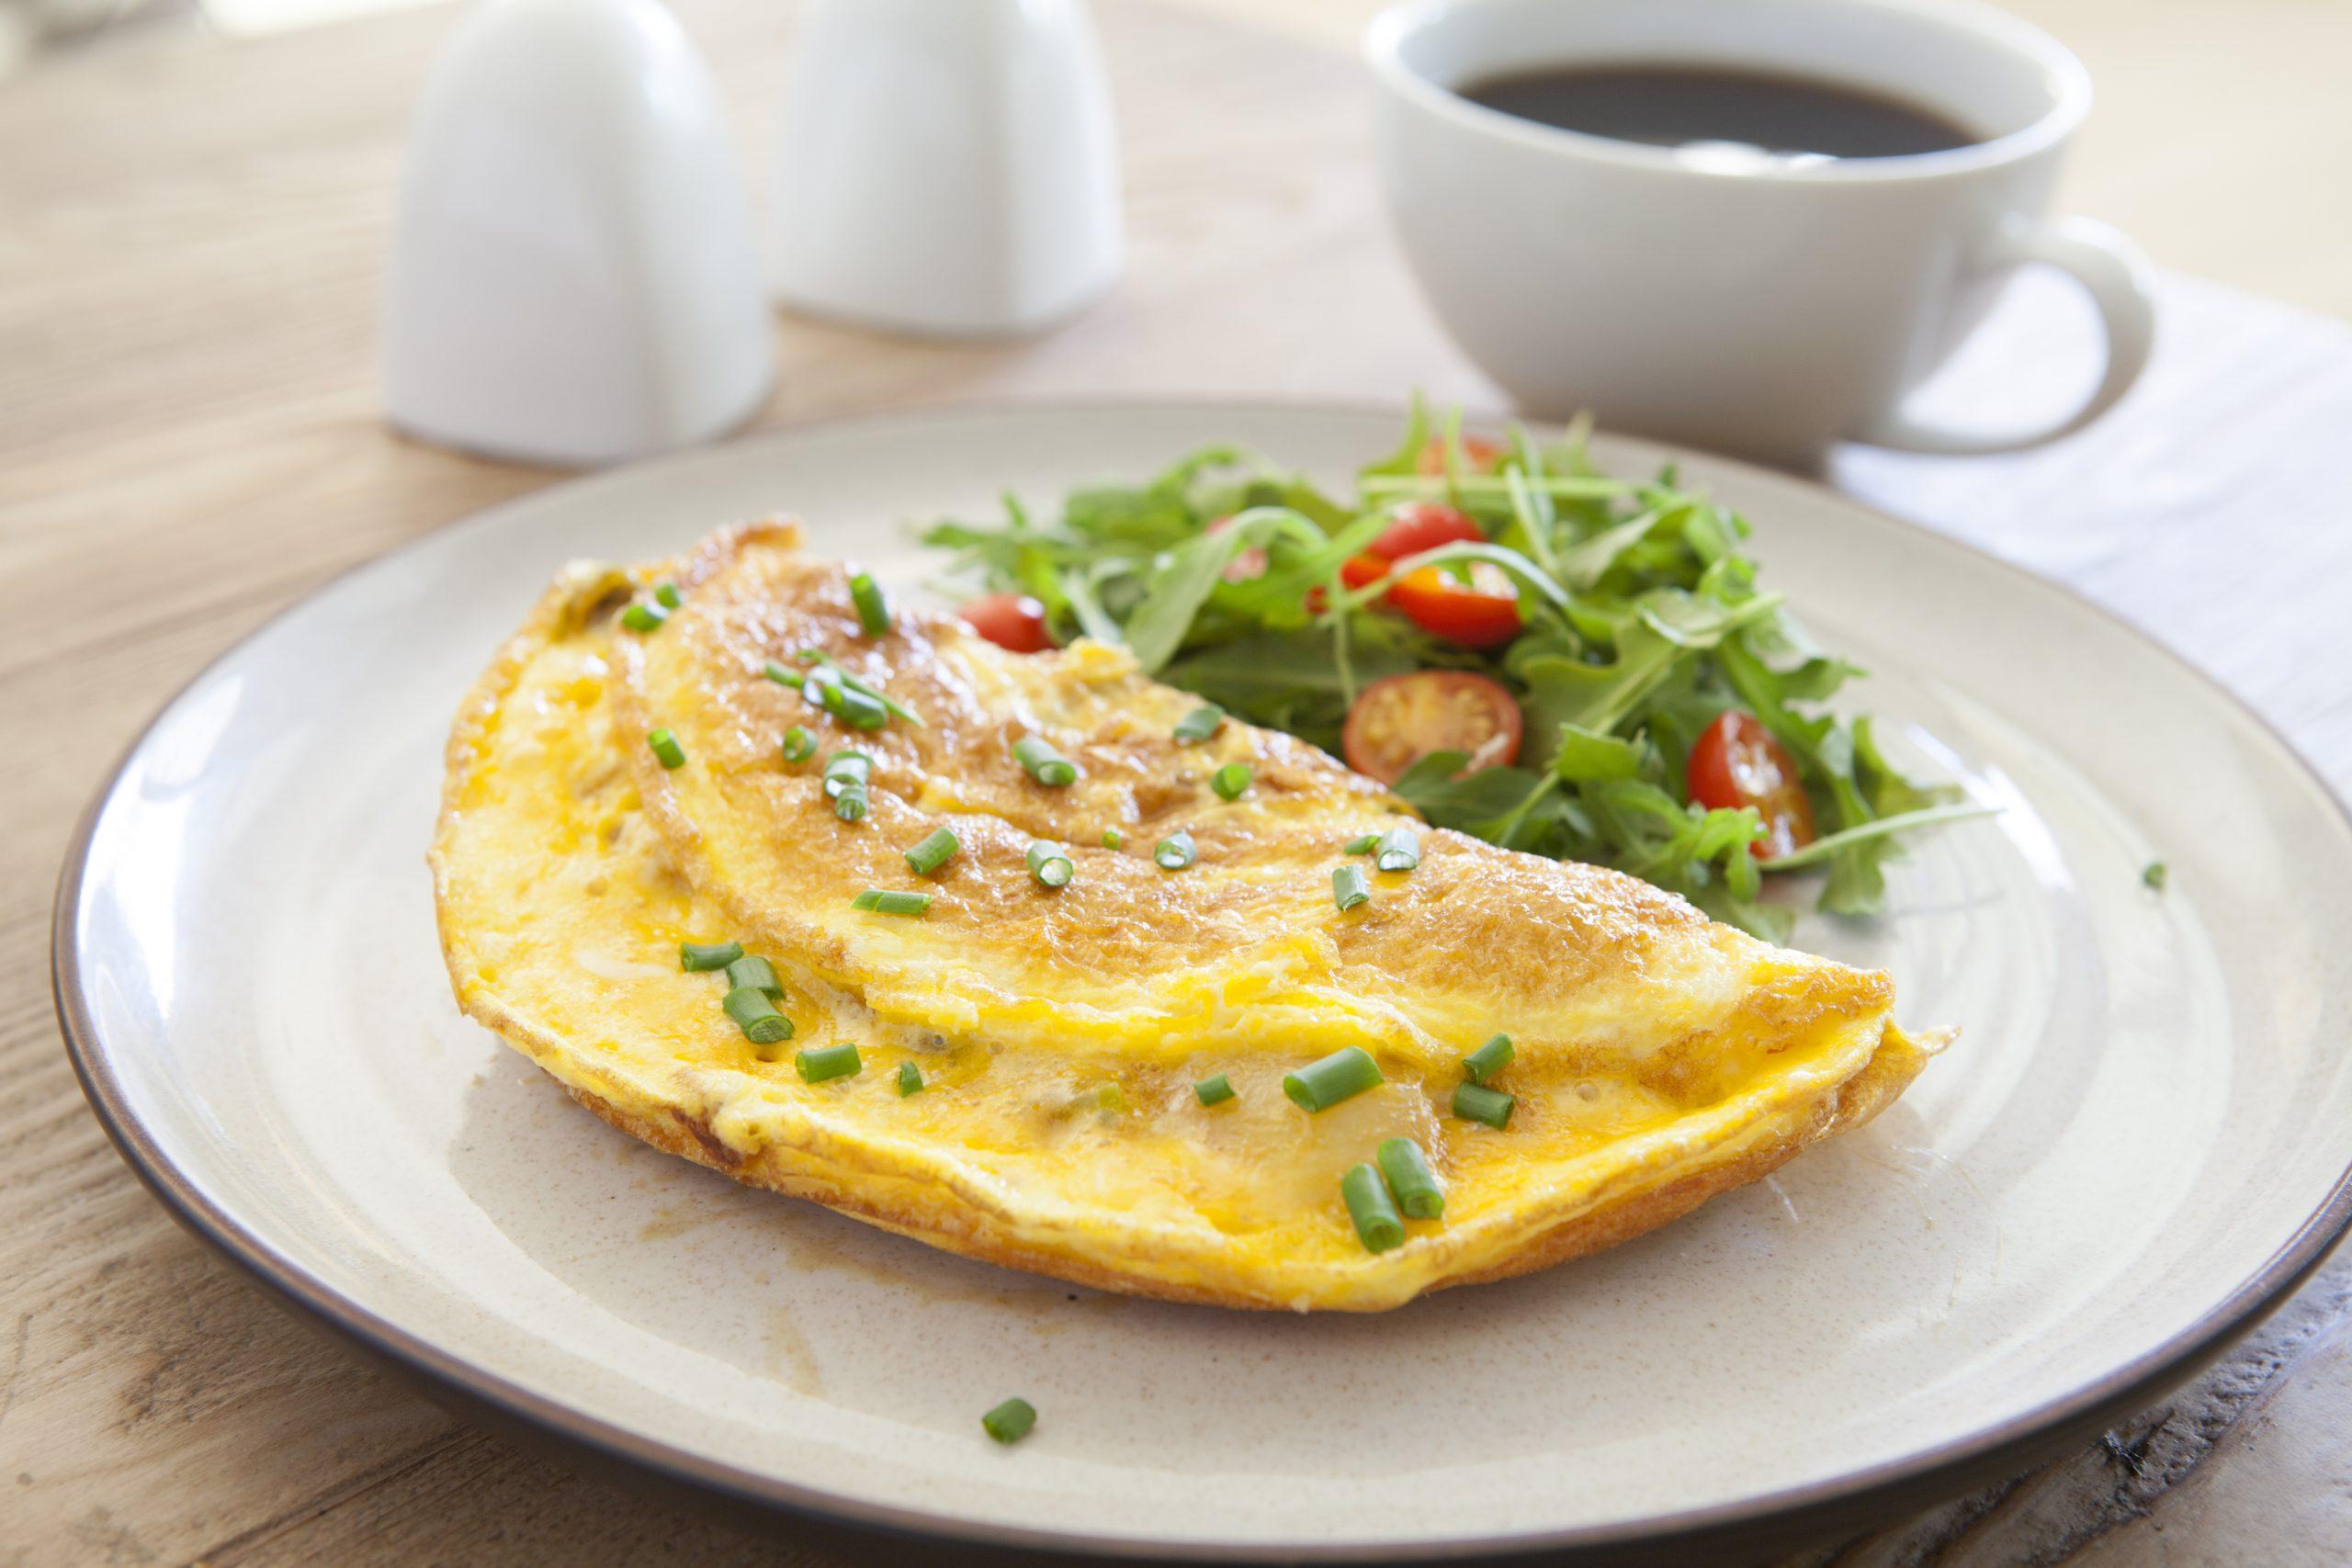 Zdrowy omlet – przepis na pyszne i zdrowe śniadanie